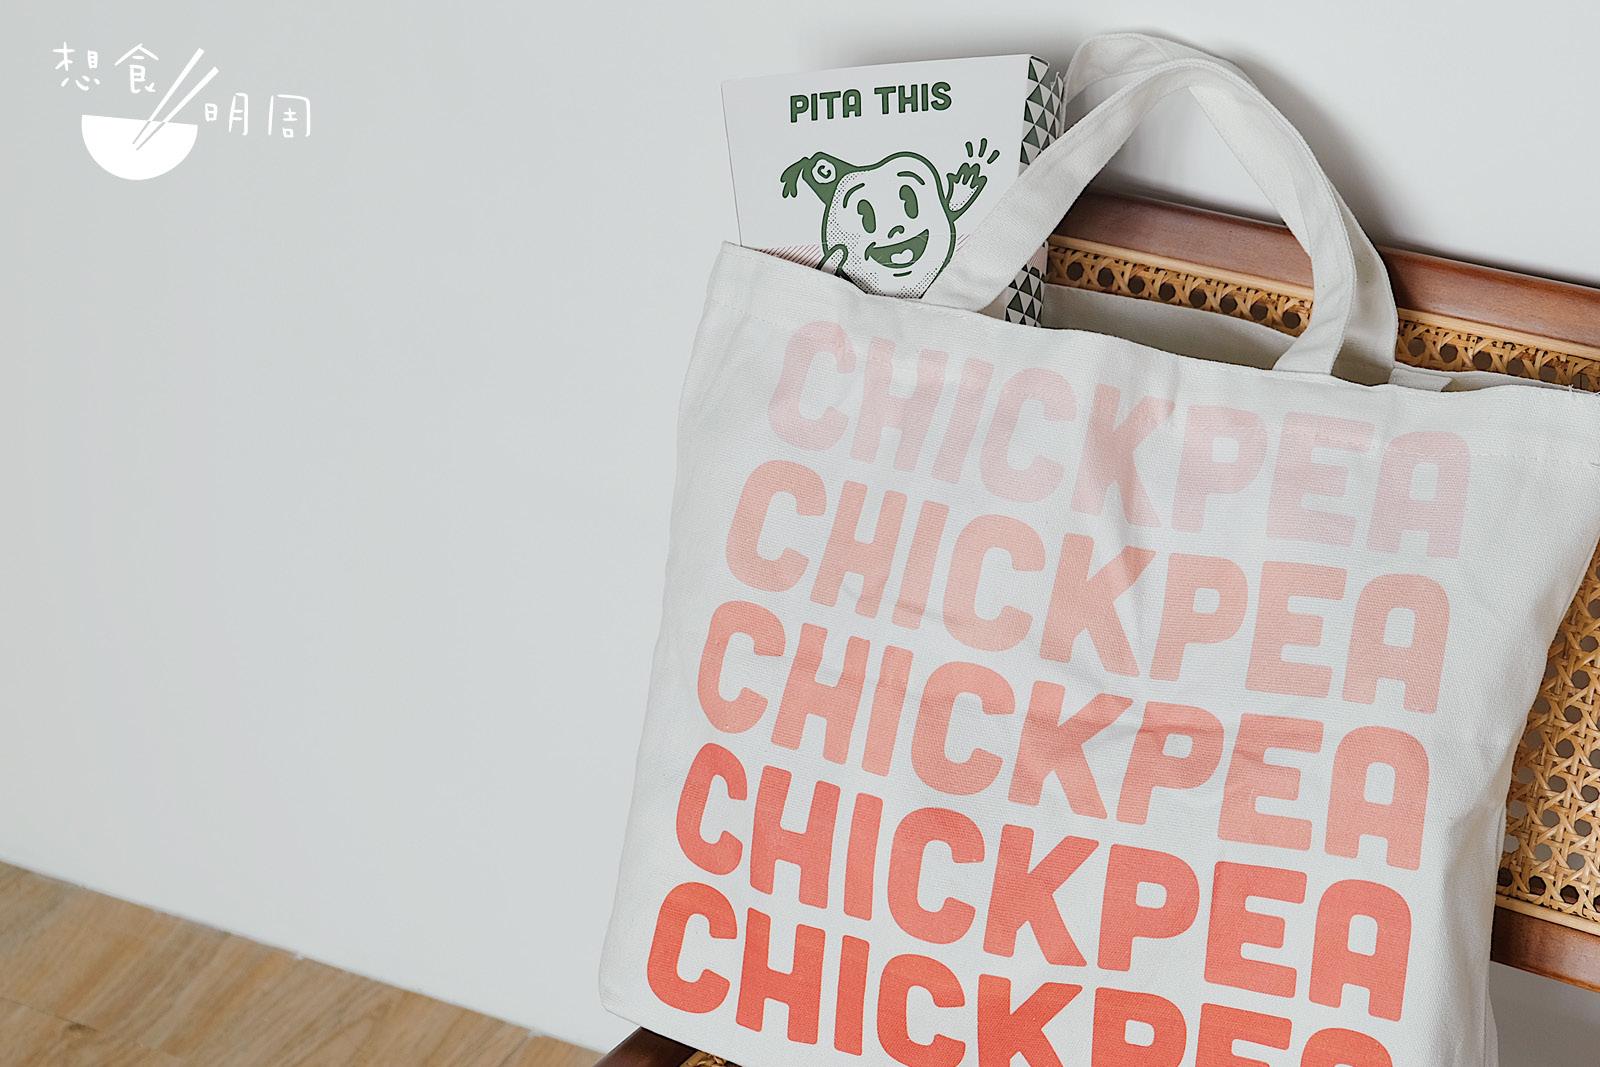 喜歡chickpea的你會買嗎?($88)